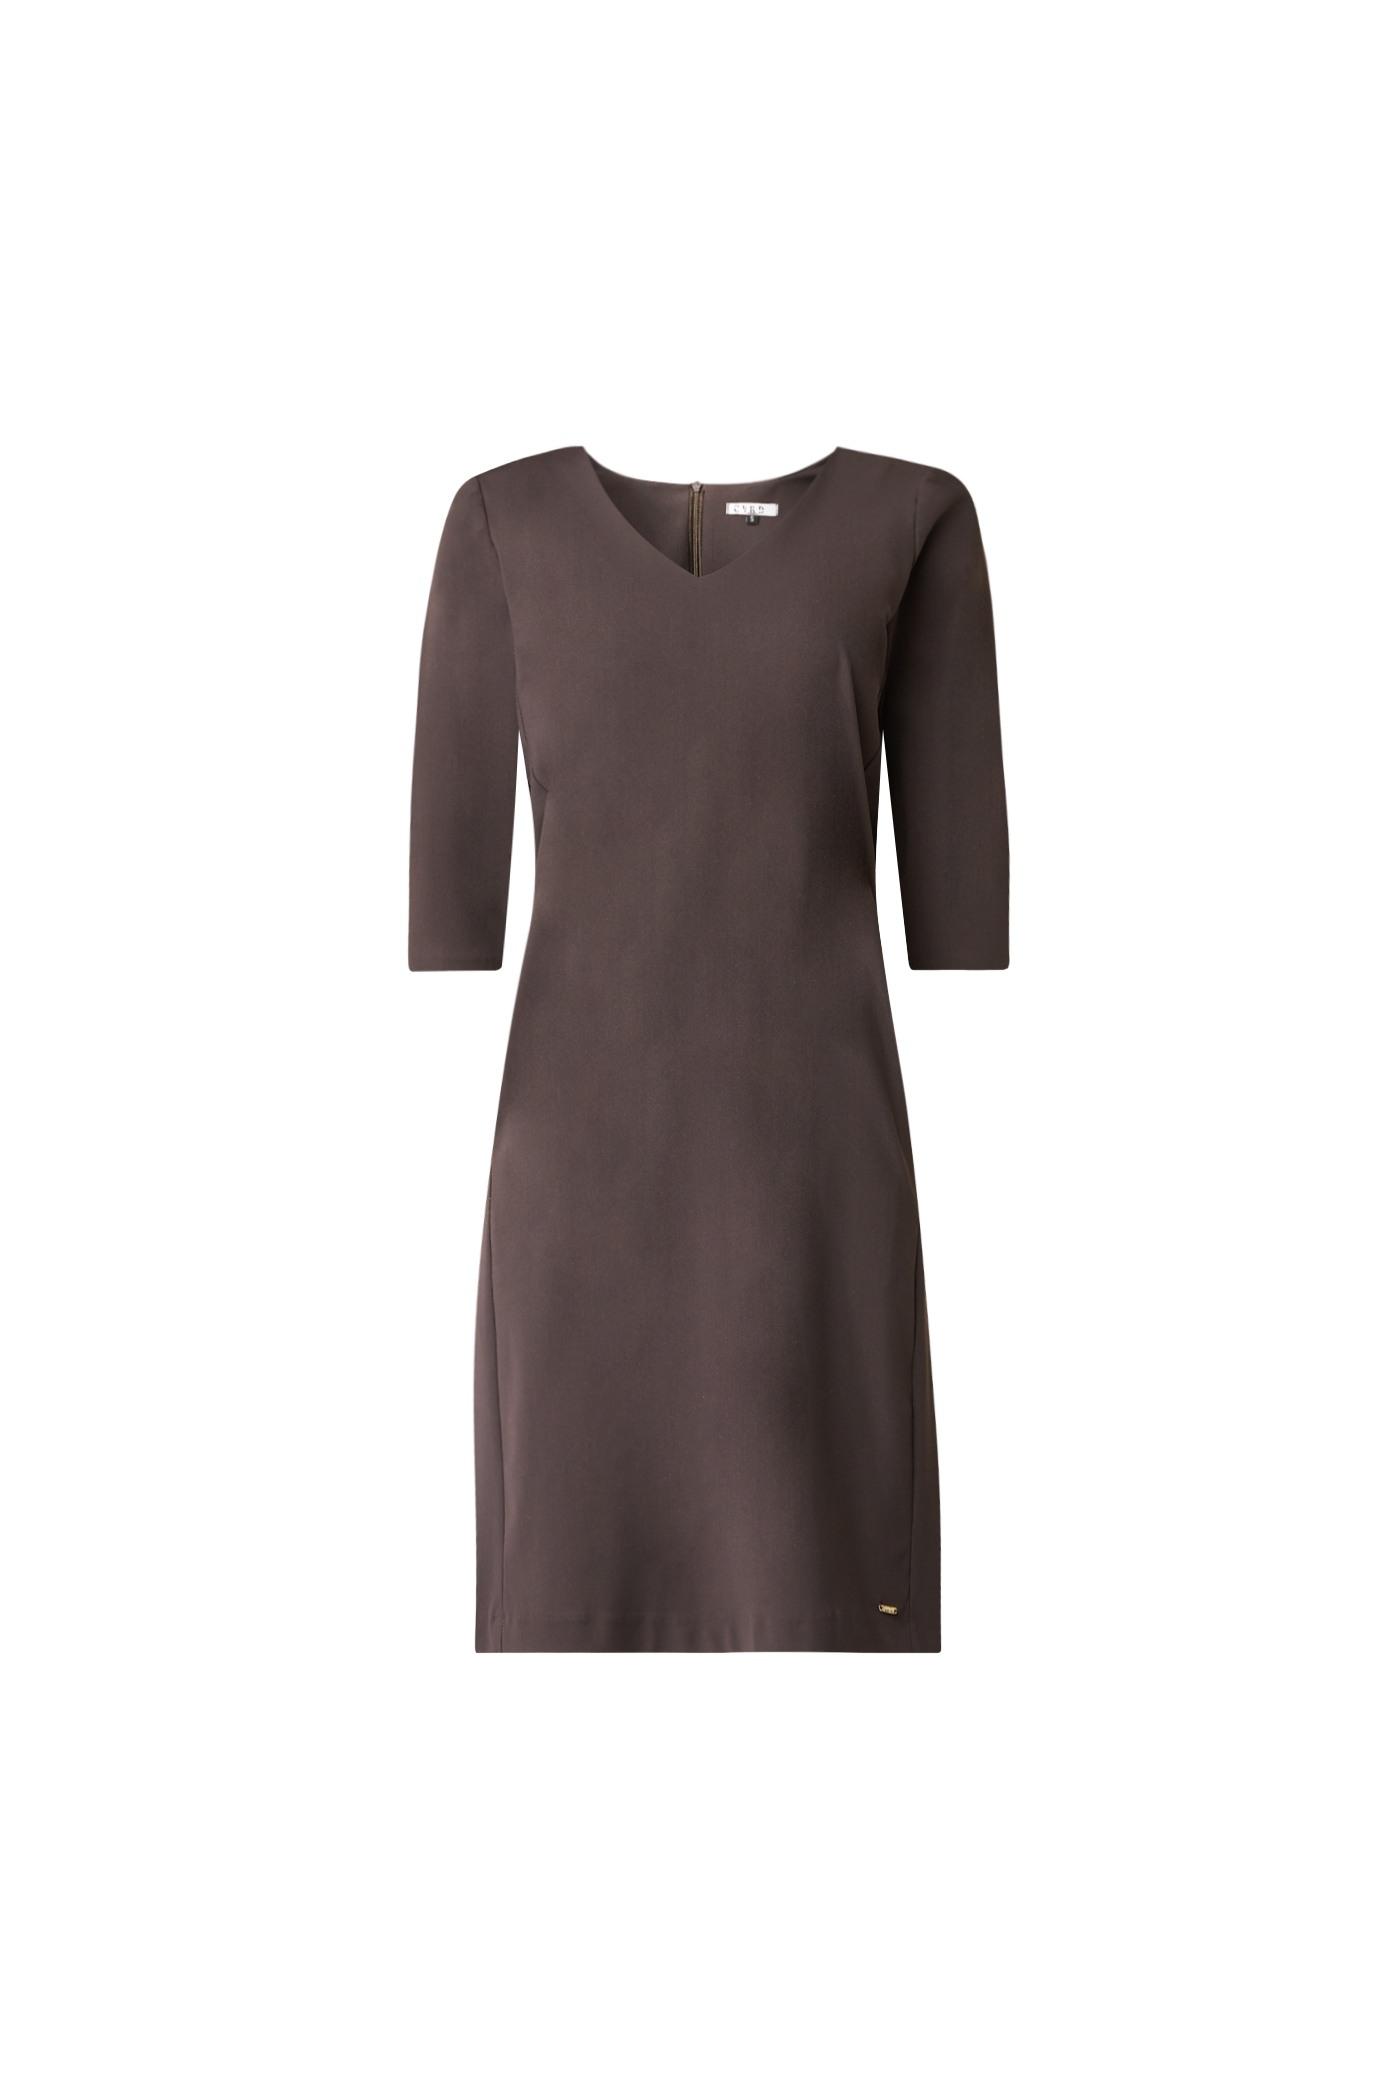 13 Perfekt Kleid Braun Spezialgebiet Schön Kleid Braun Stylish